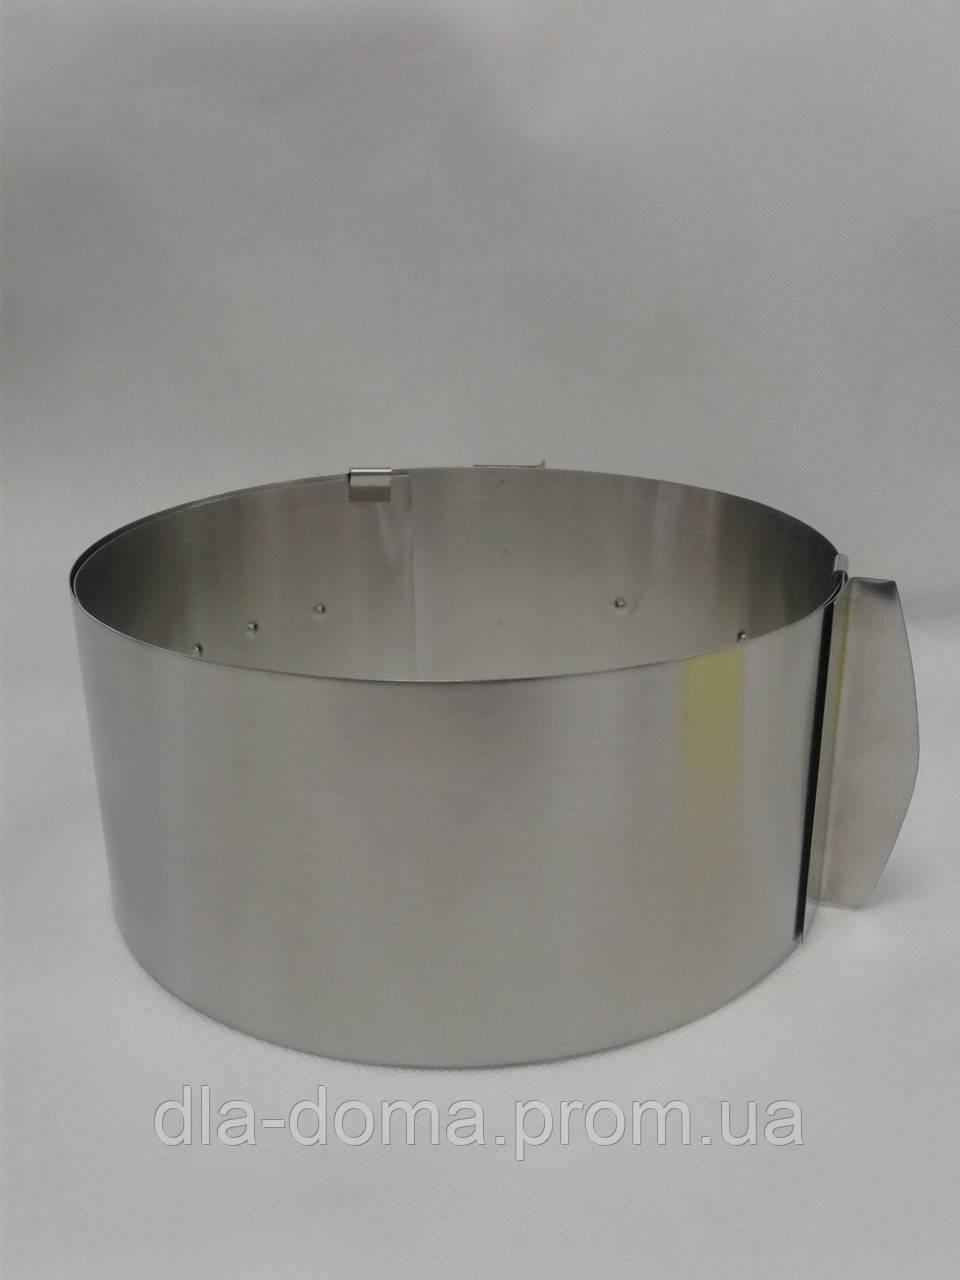 Кольцо для выпечки регулируемое нержавейка от 13 до 30 см.